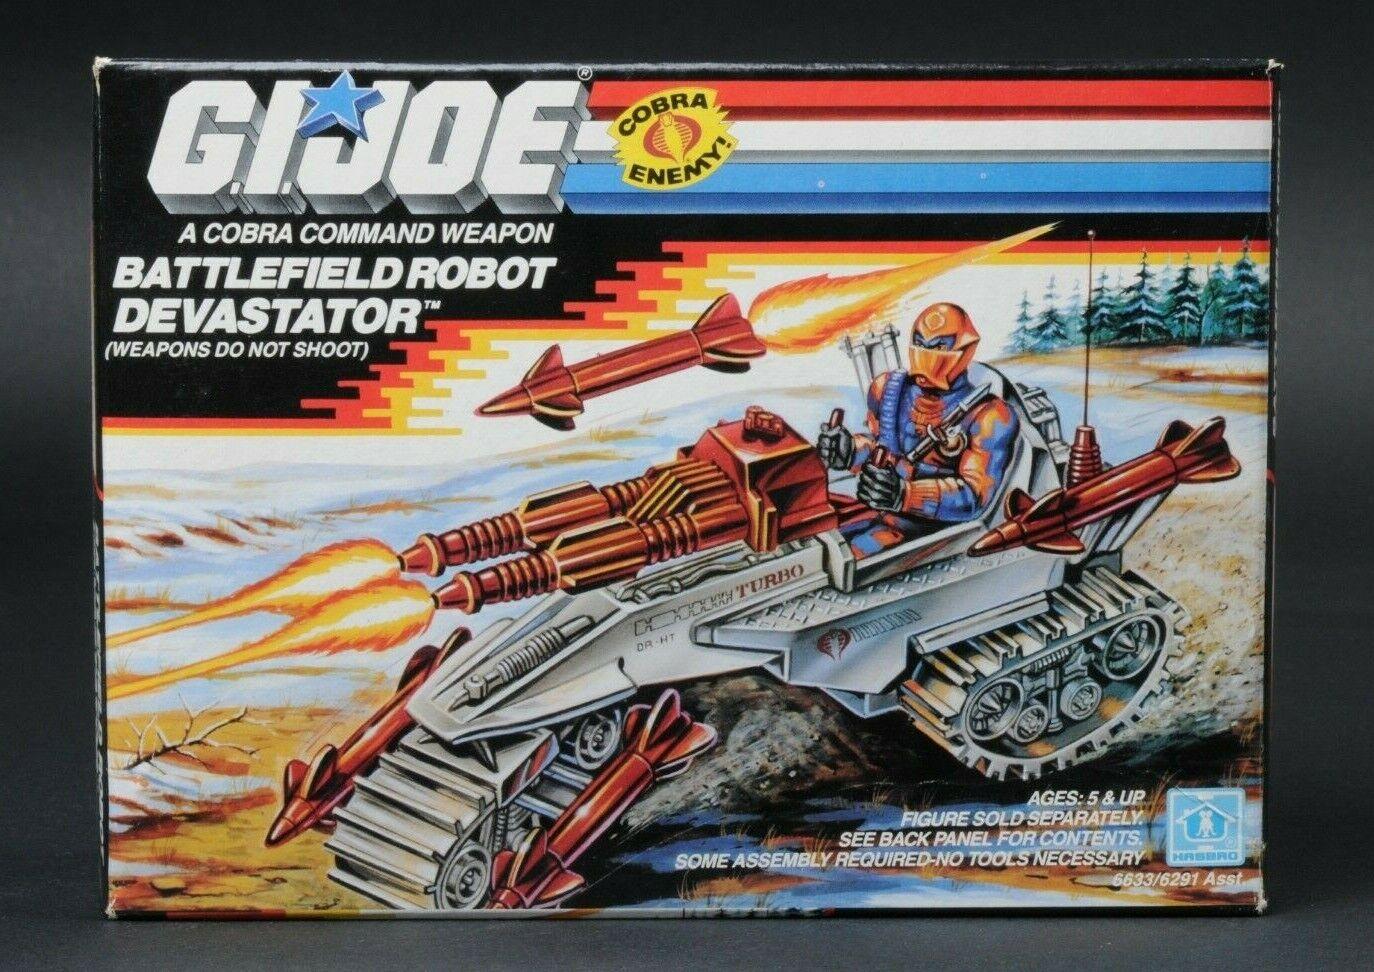 1989 Hasbro Gi Joe Battlefield robot Devastator Menta en caja sellada caja sellada de fábrica